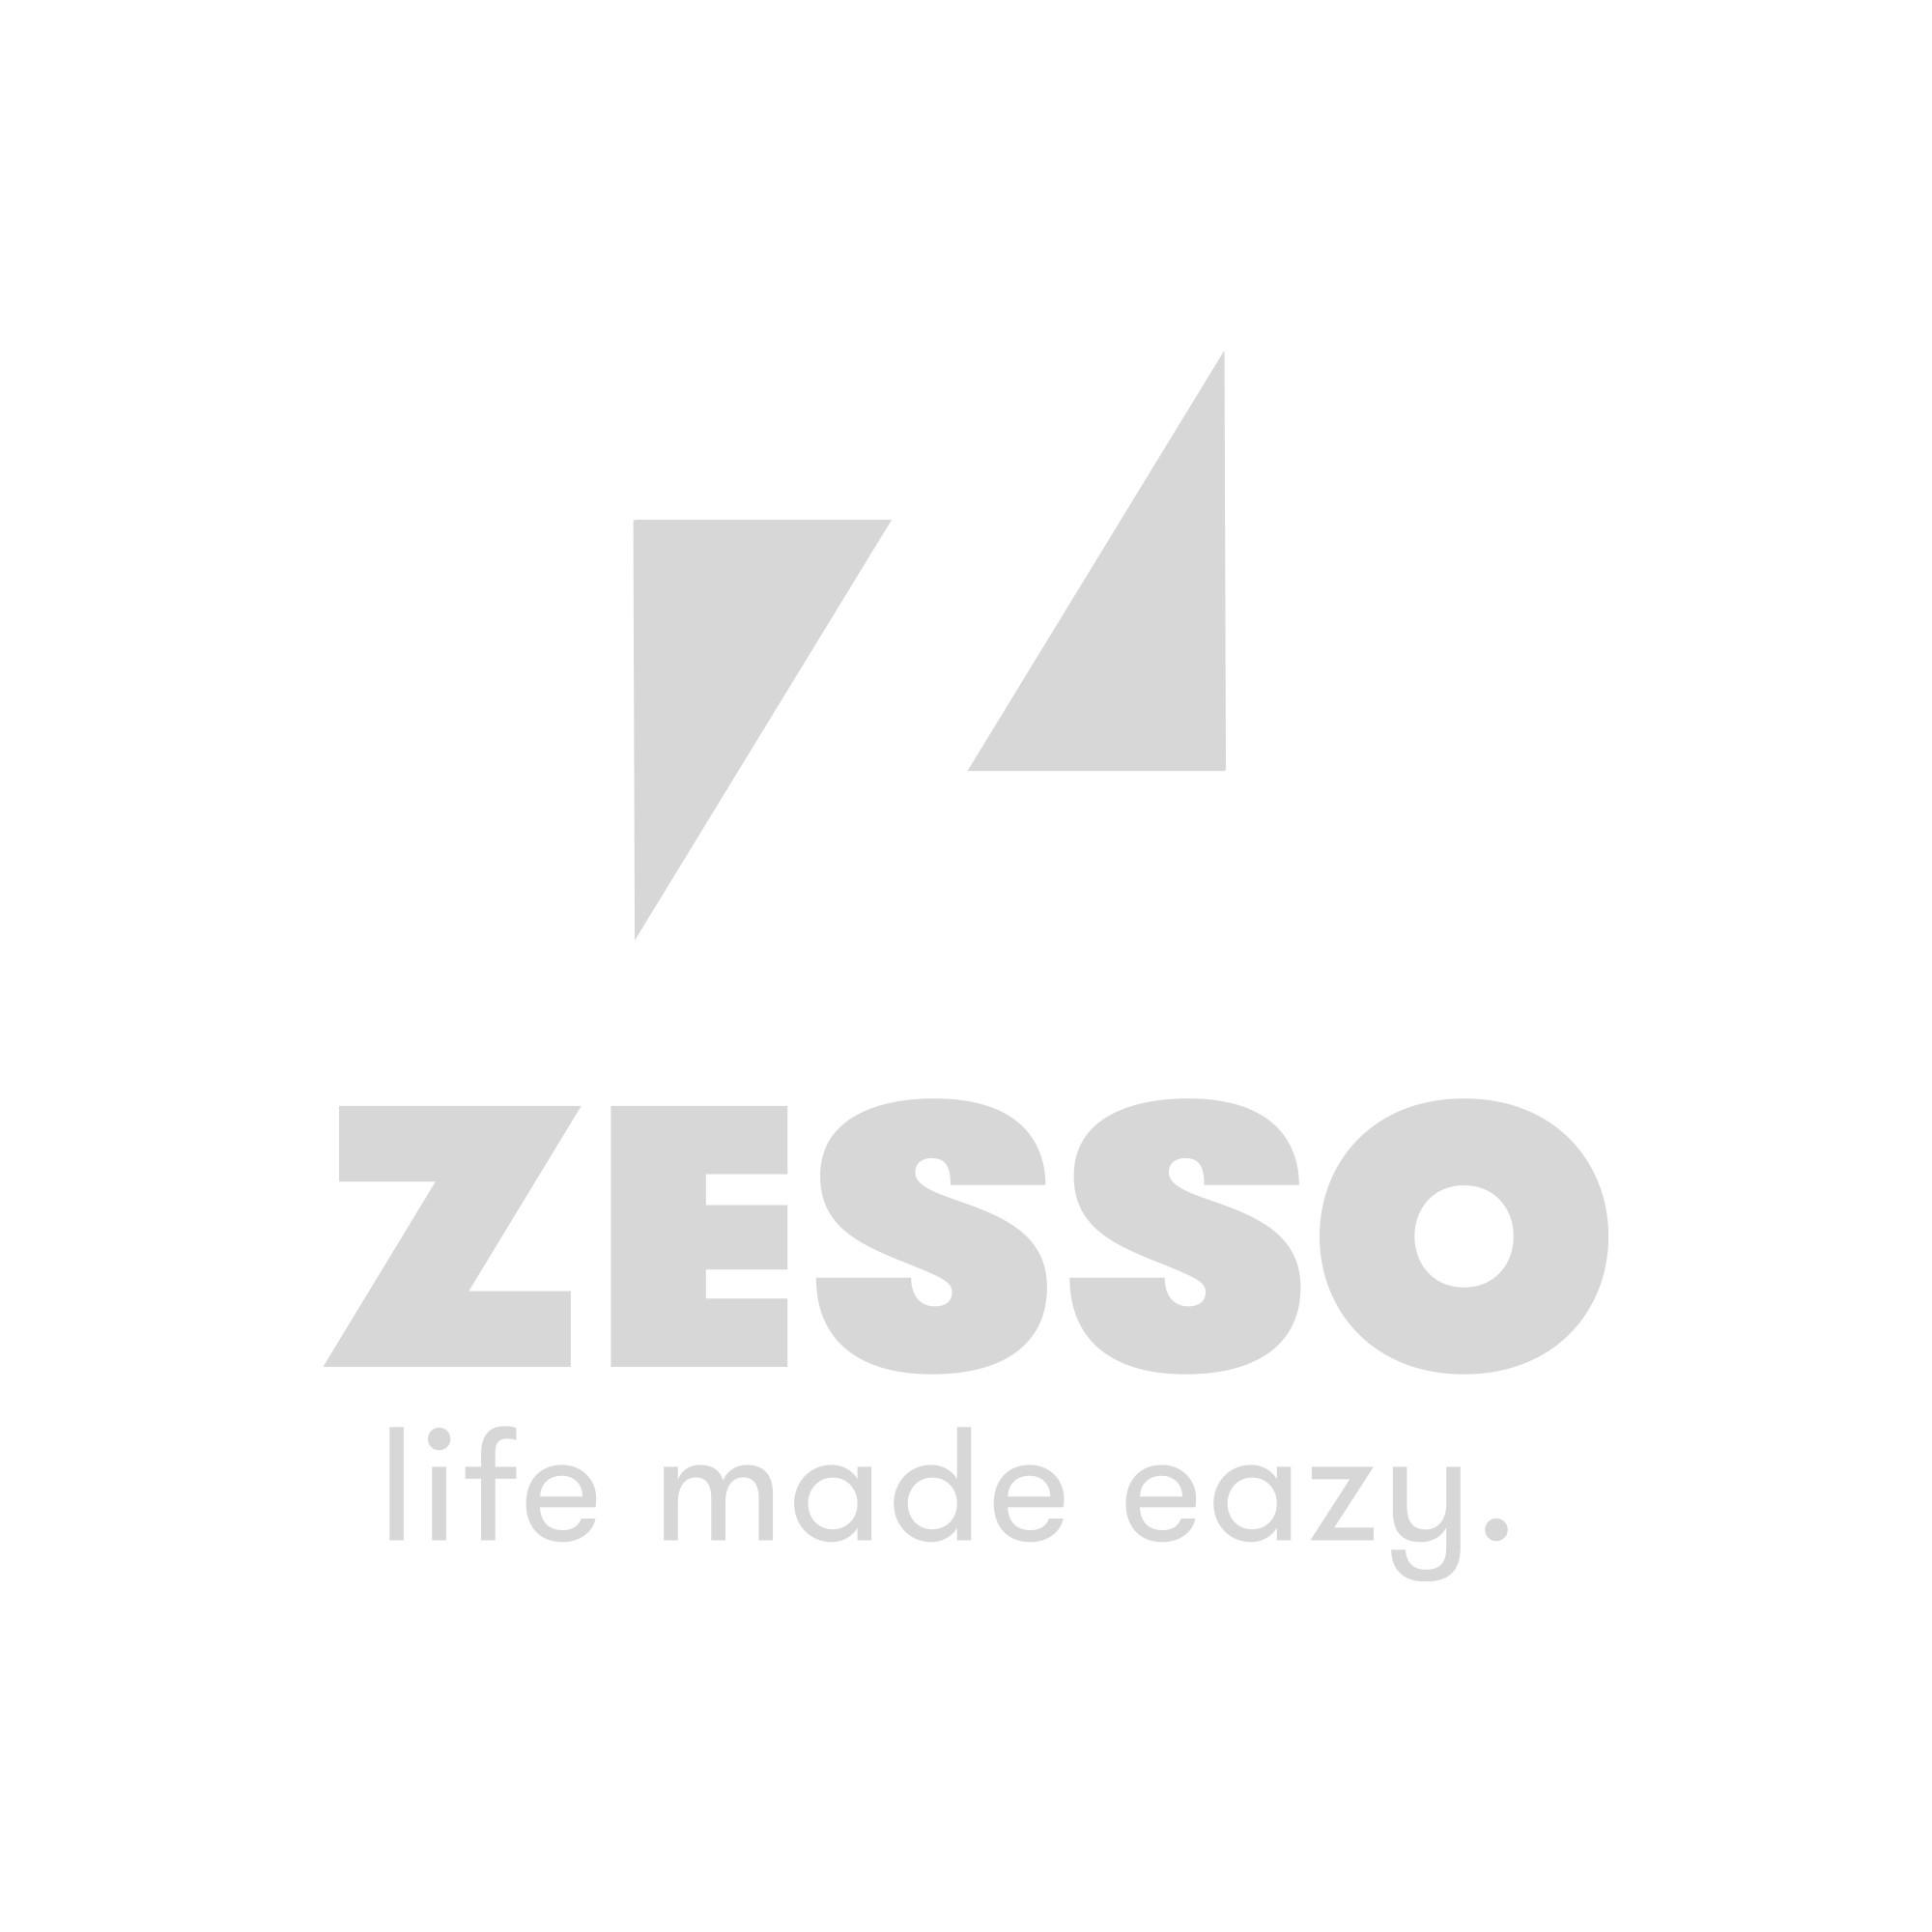 Quax Siège D'Auto Réhausseur Topo Confort Star Wars Darth Vader